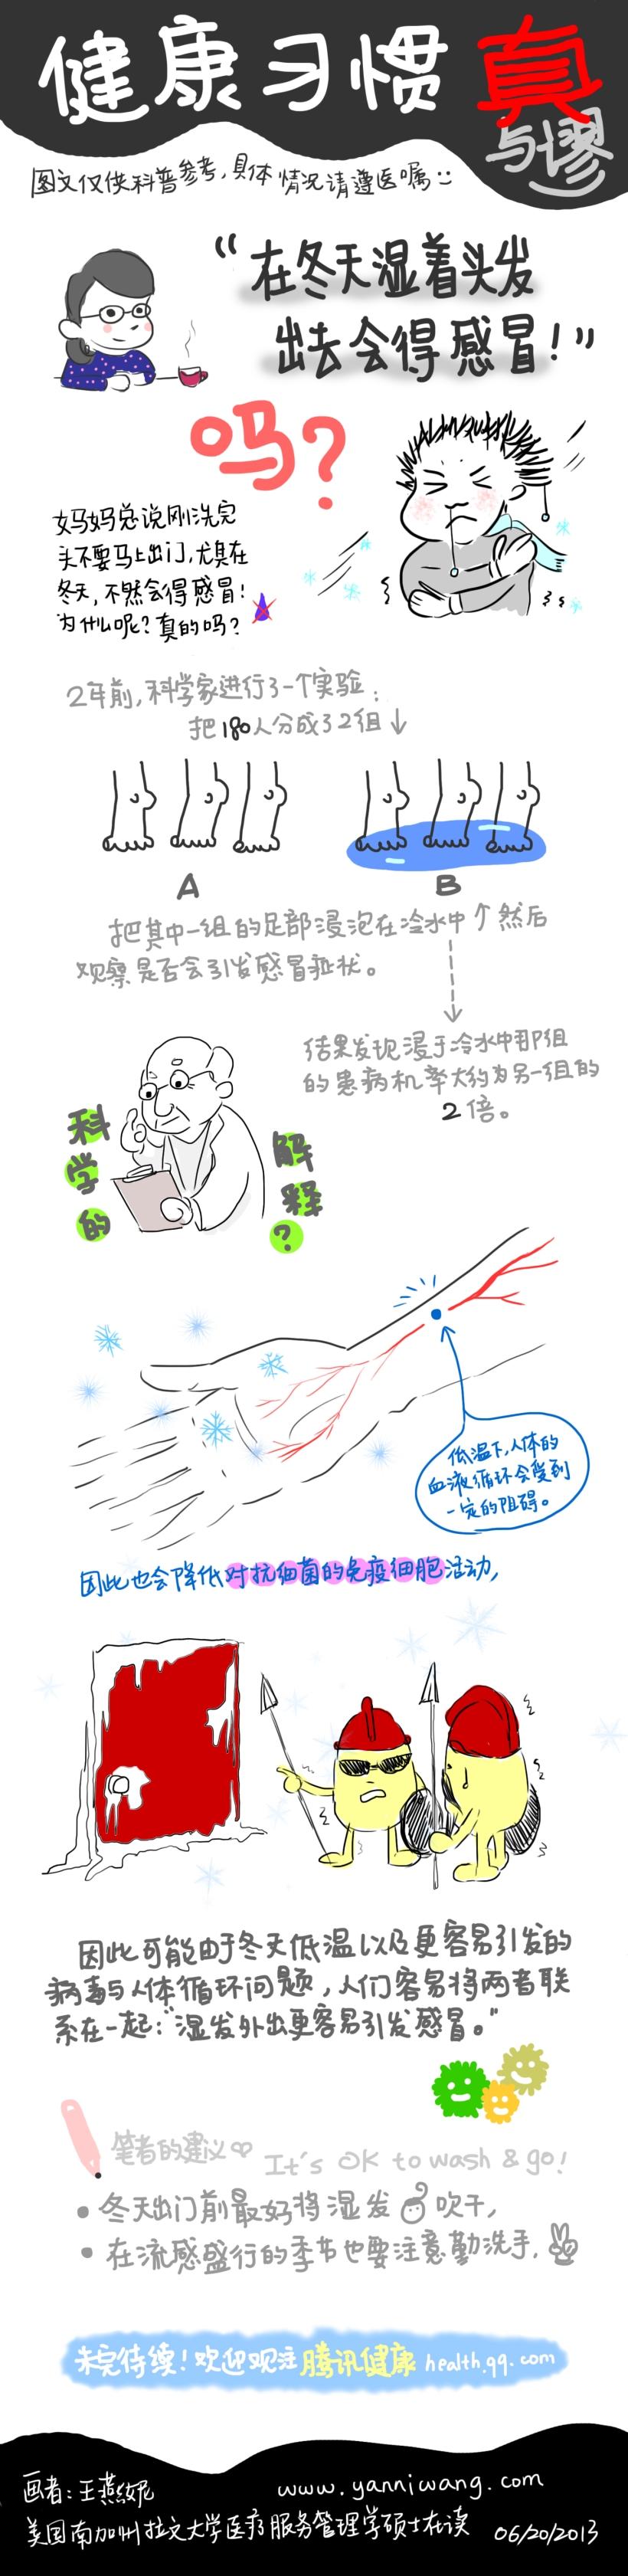 王燕妮漫画20130620